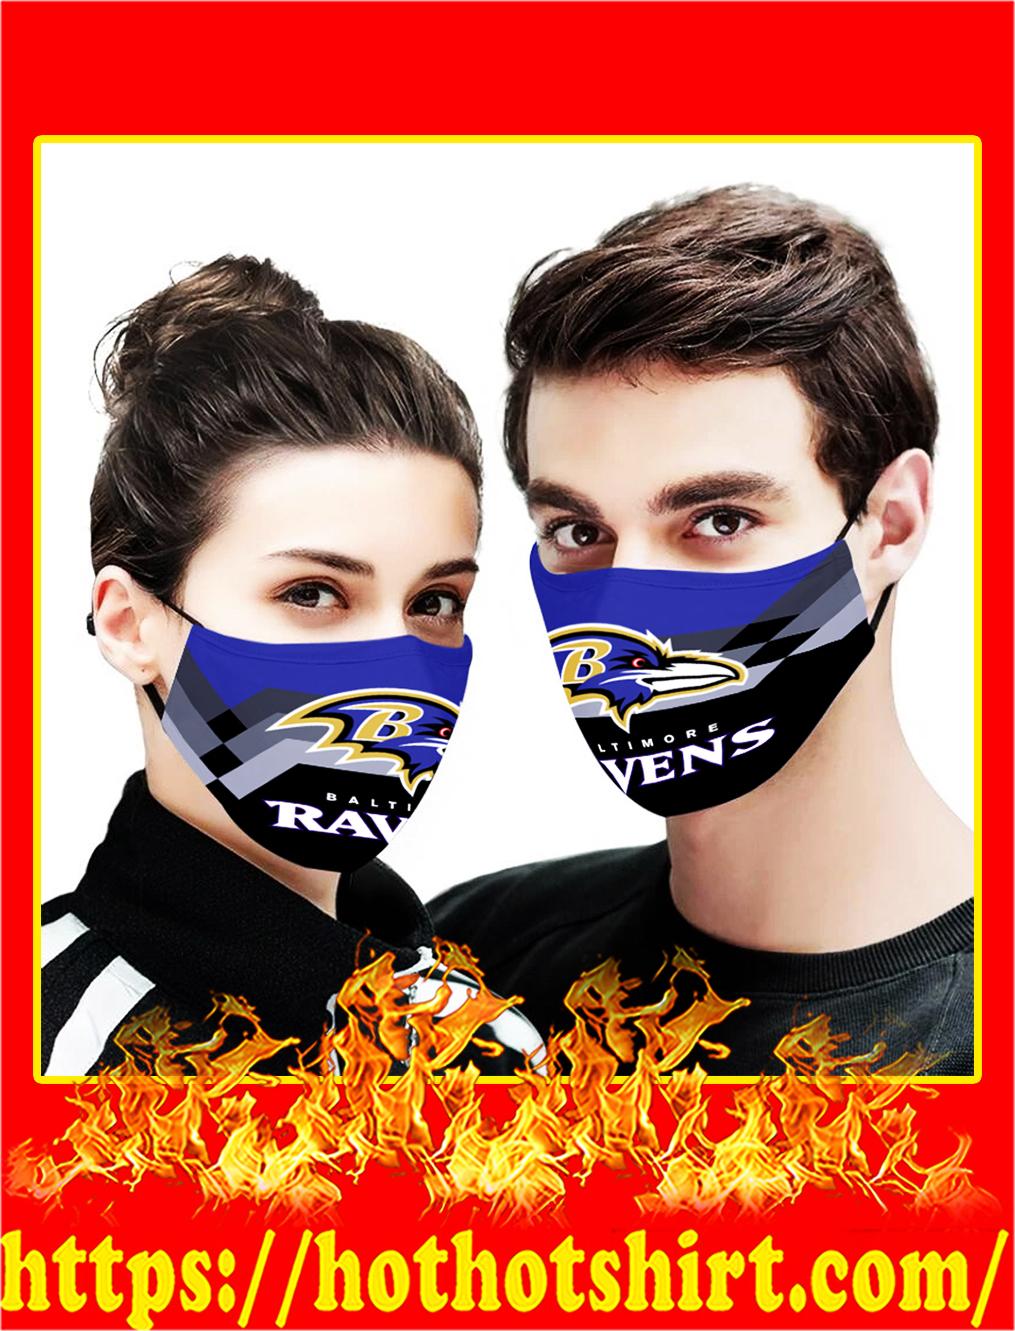 Baltimore ravens face mask - pic 1